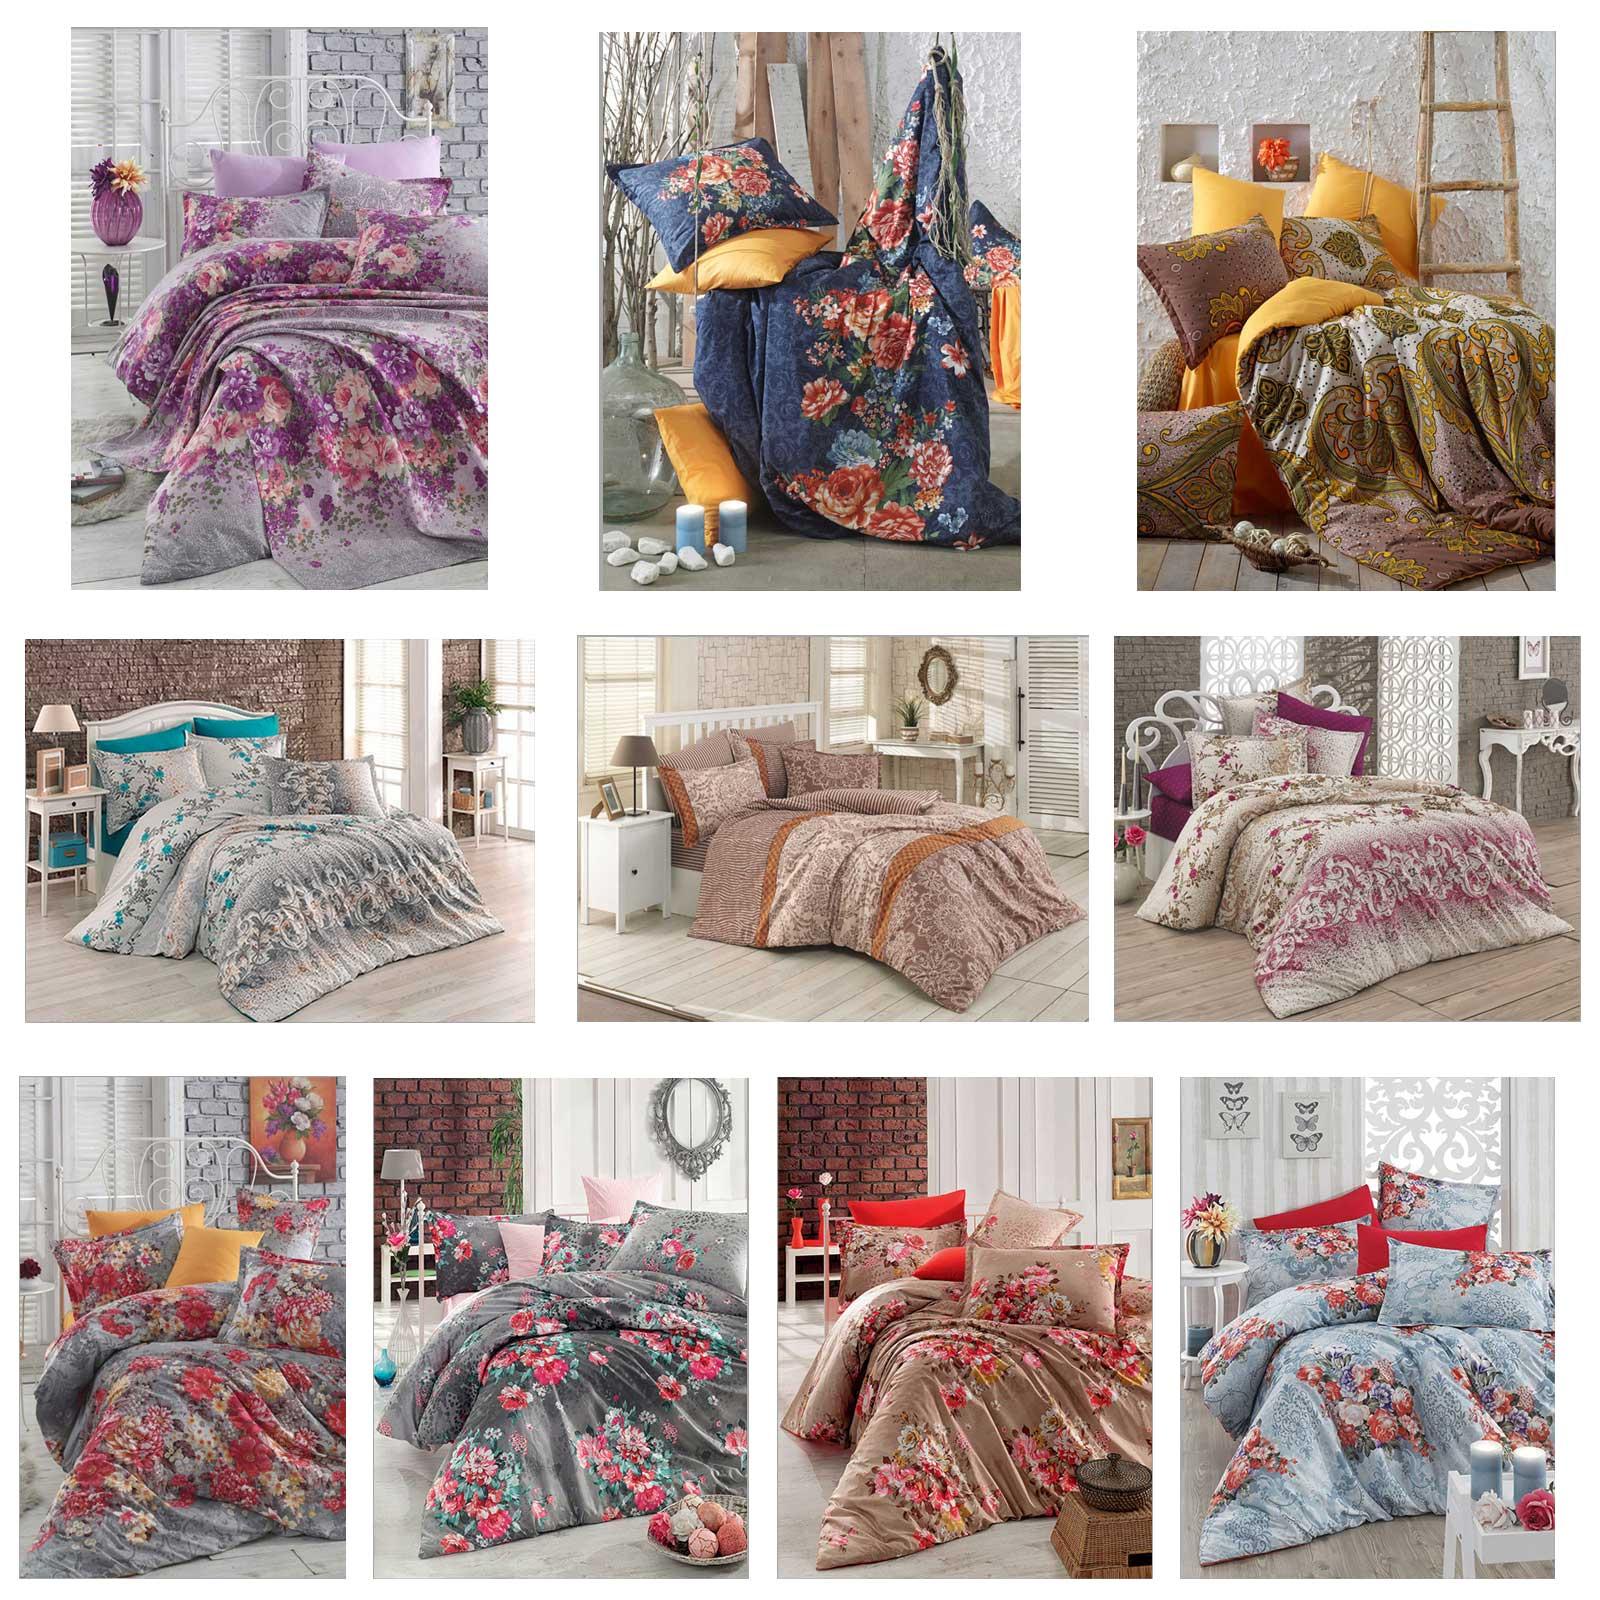 5 tlg bettw sche bettgarnitur 100 baumwolle kissen decke 200x200 cm variante 3 ebay. Black Bedroom Furniture Sets. Home Design Ideas